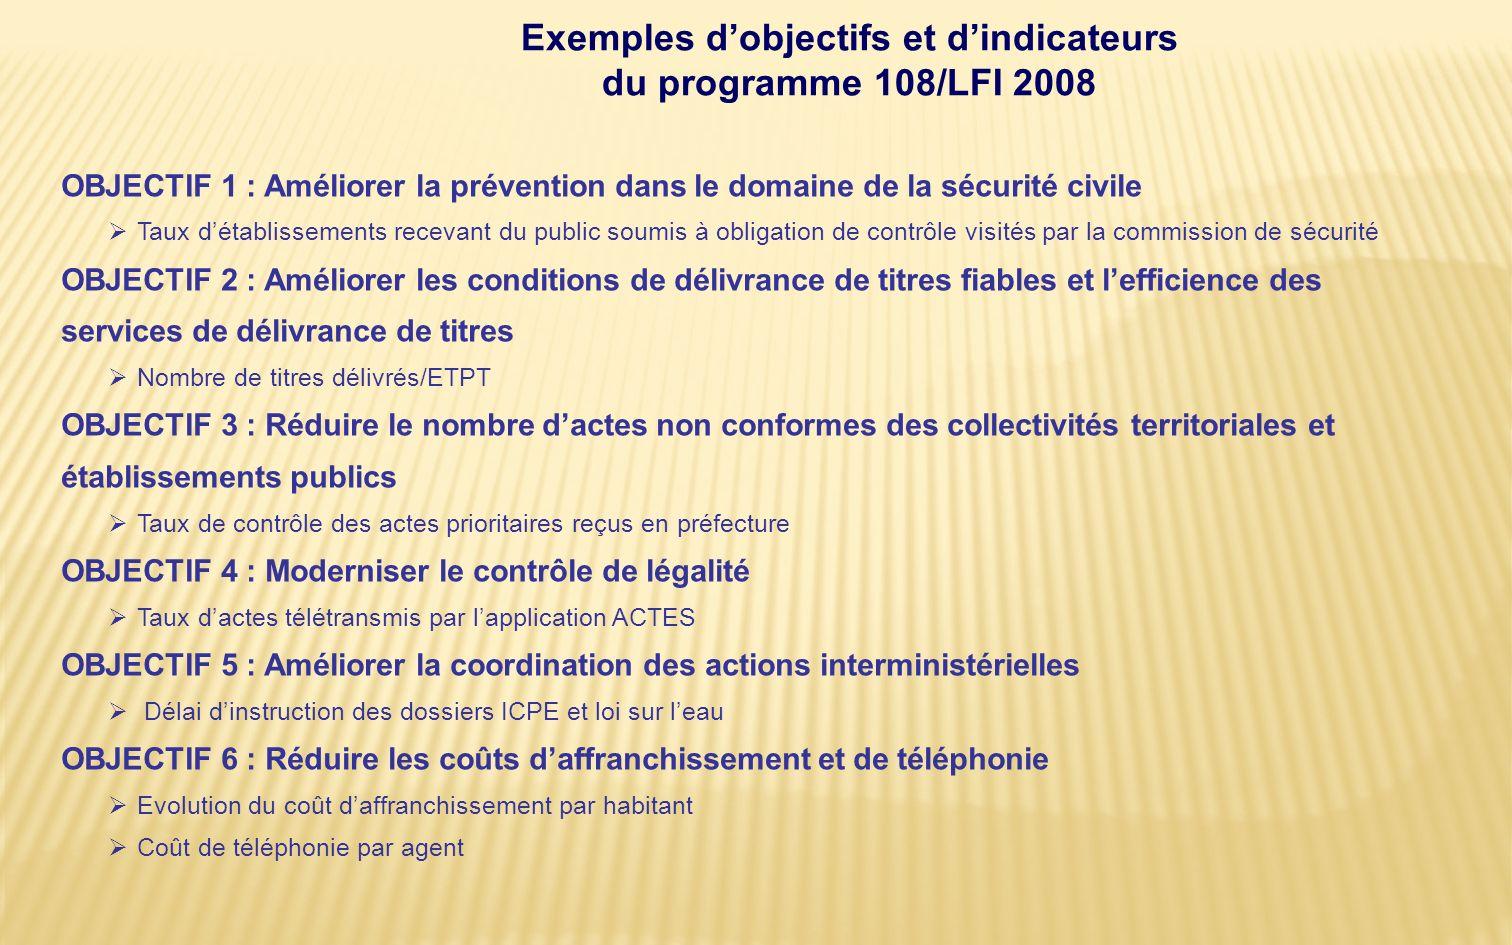 Exemples d'objectifs et d'indicateurs du programme 108/LFI 2008